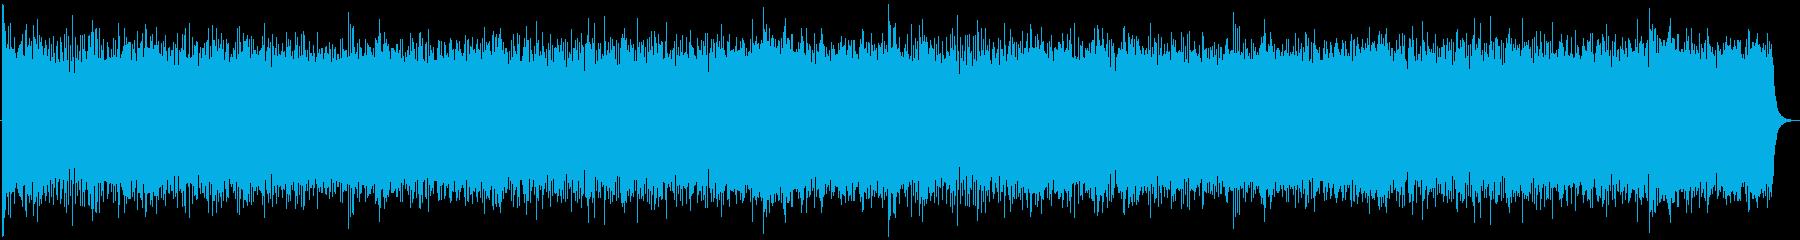 和風シネマティック戦闘音楽の再生済みの波形